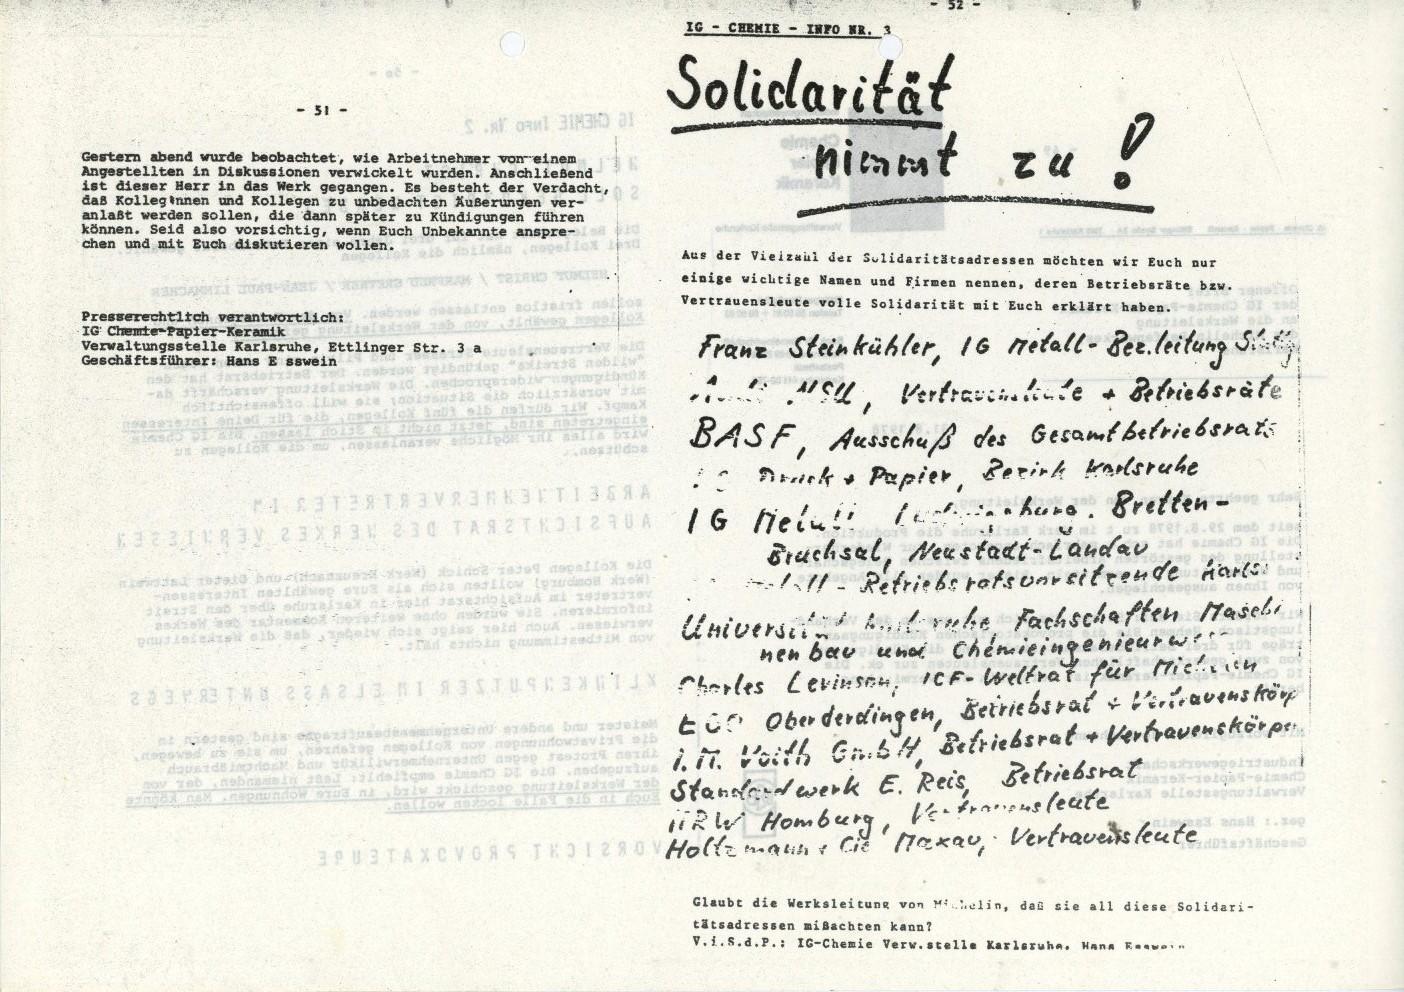 Karlsruhe_Michelin_IGCPK_Doku_zum_Arbeitskonflikt_1978_25